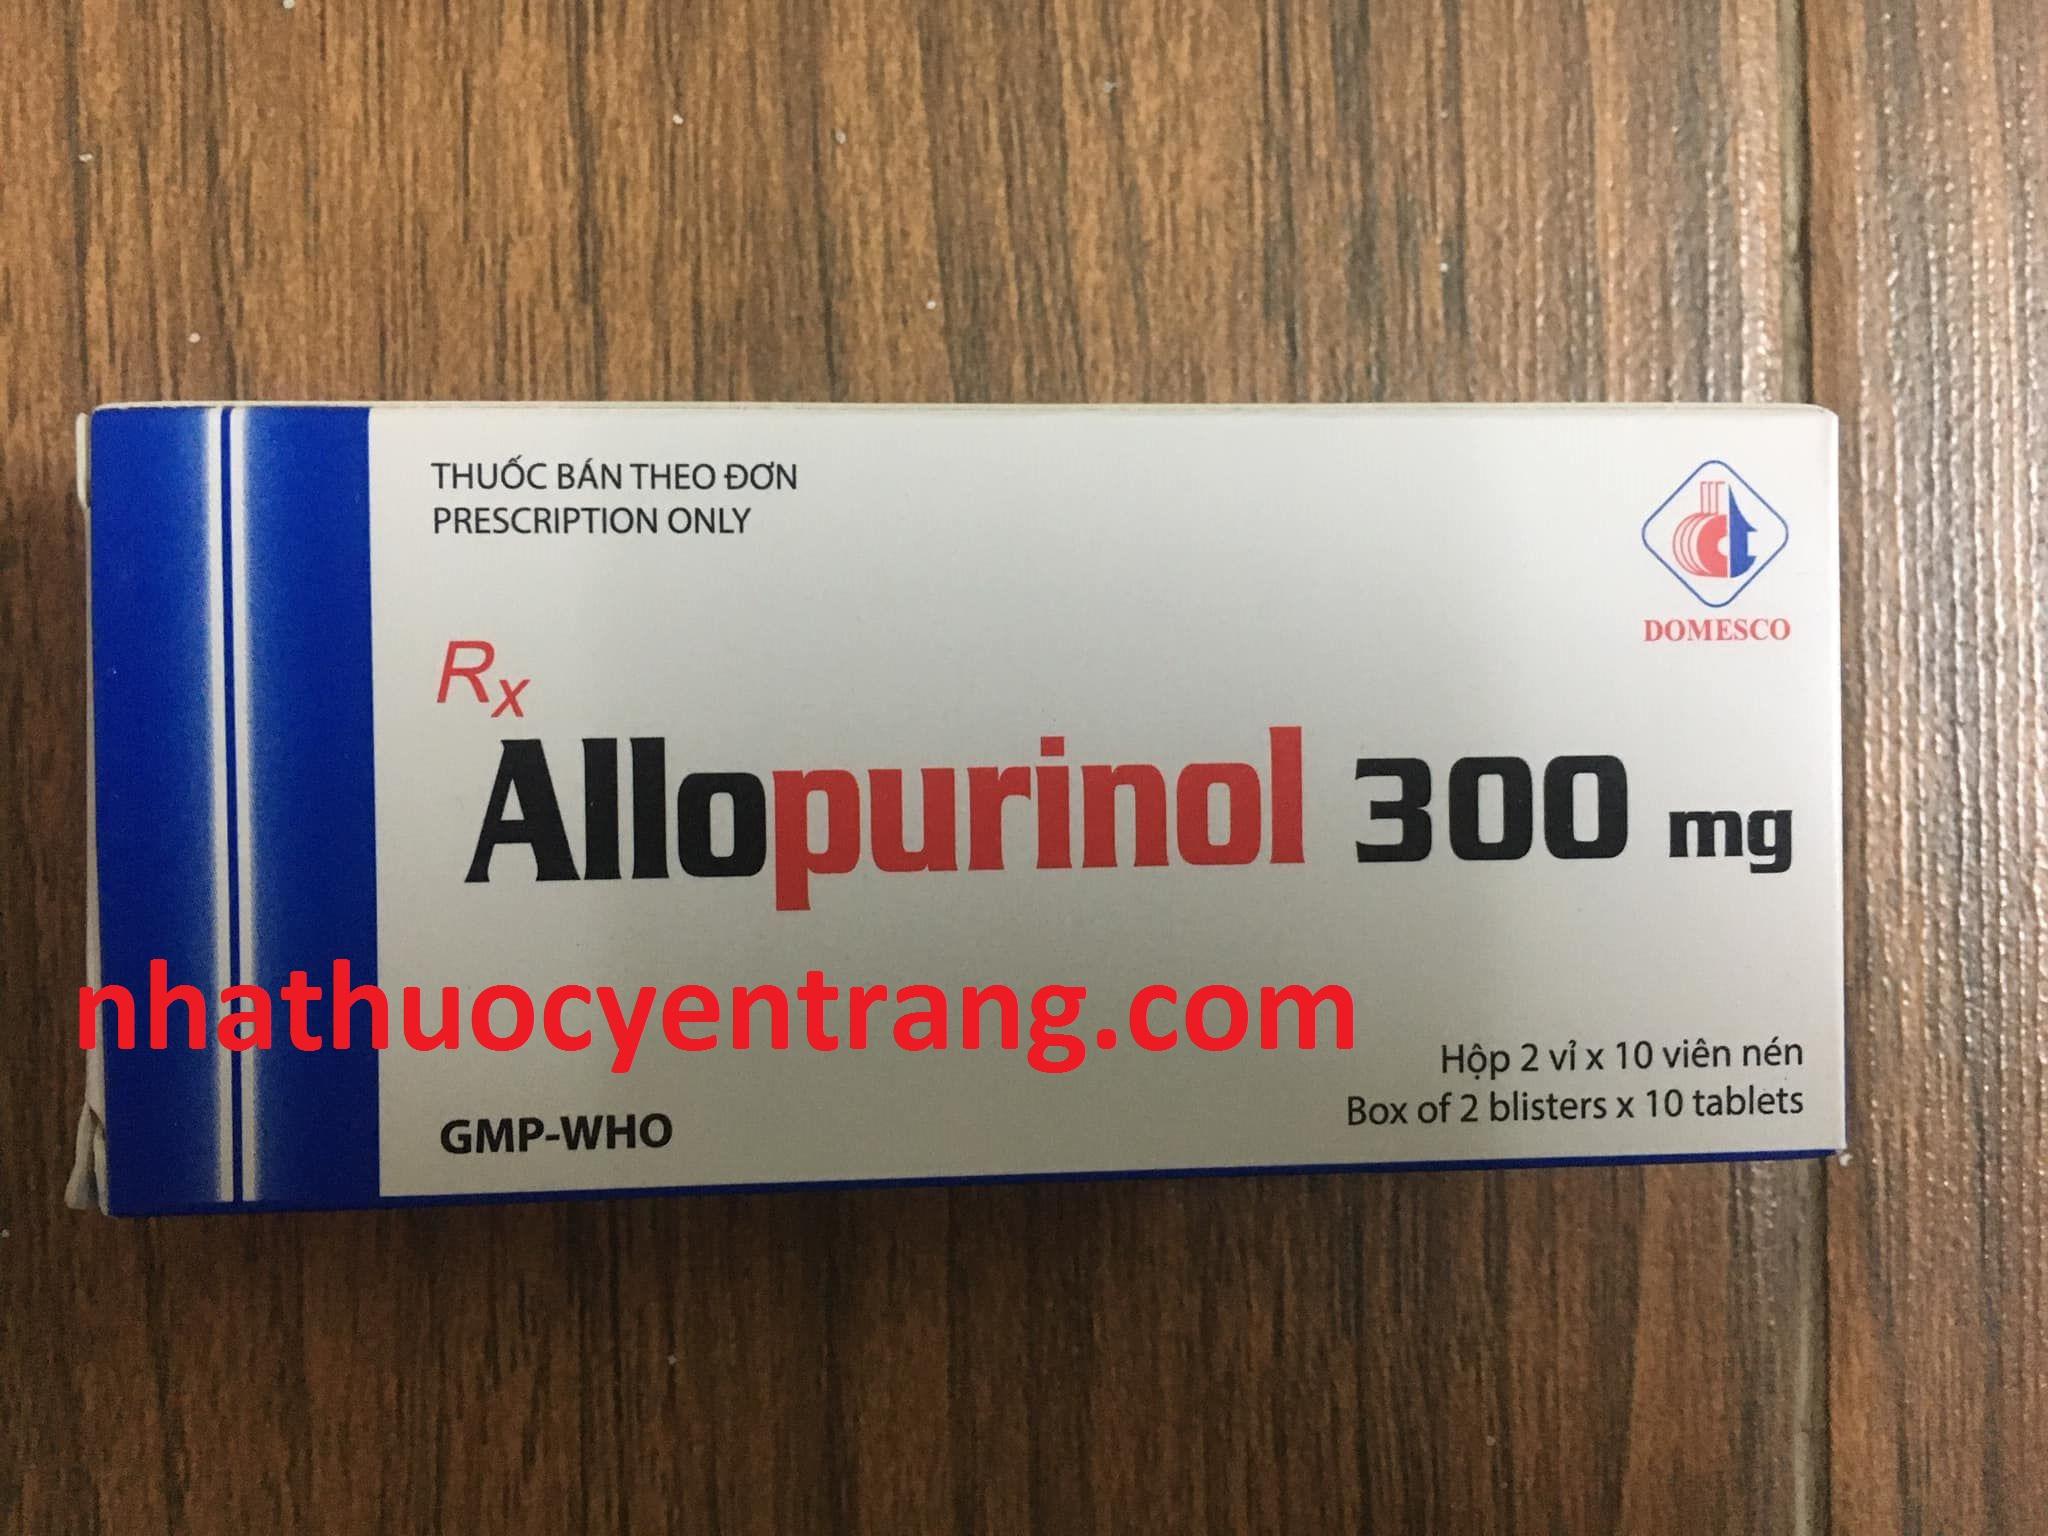 Allopurinol Domesco